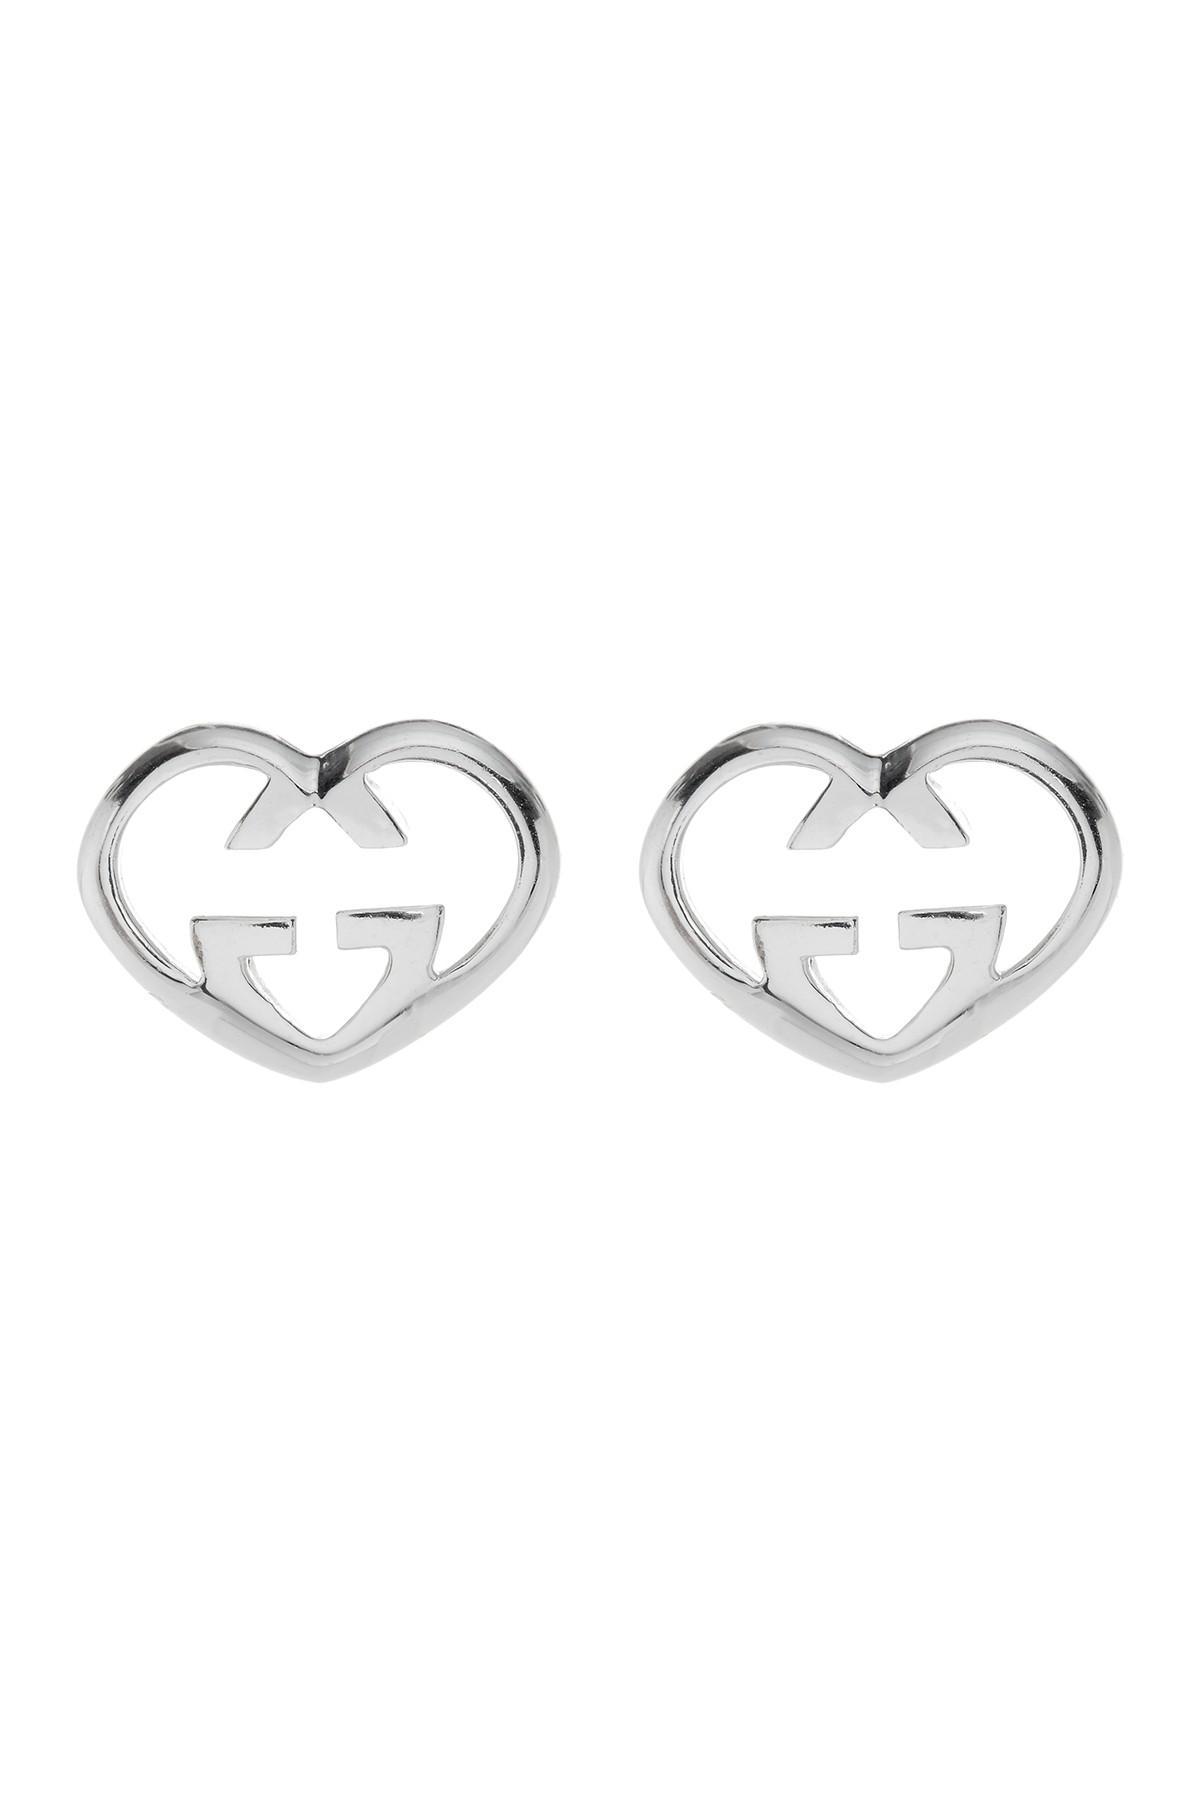 180f901e4e5 Lyst - Gucci Sterling Silver Love Heart Stud Earrings in Metallic